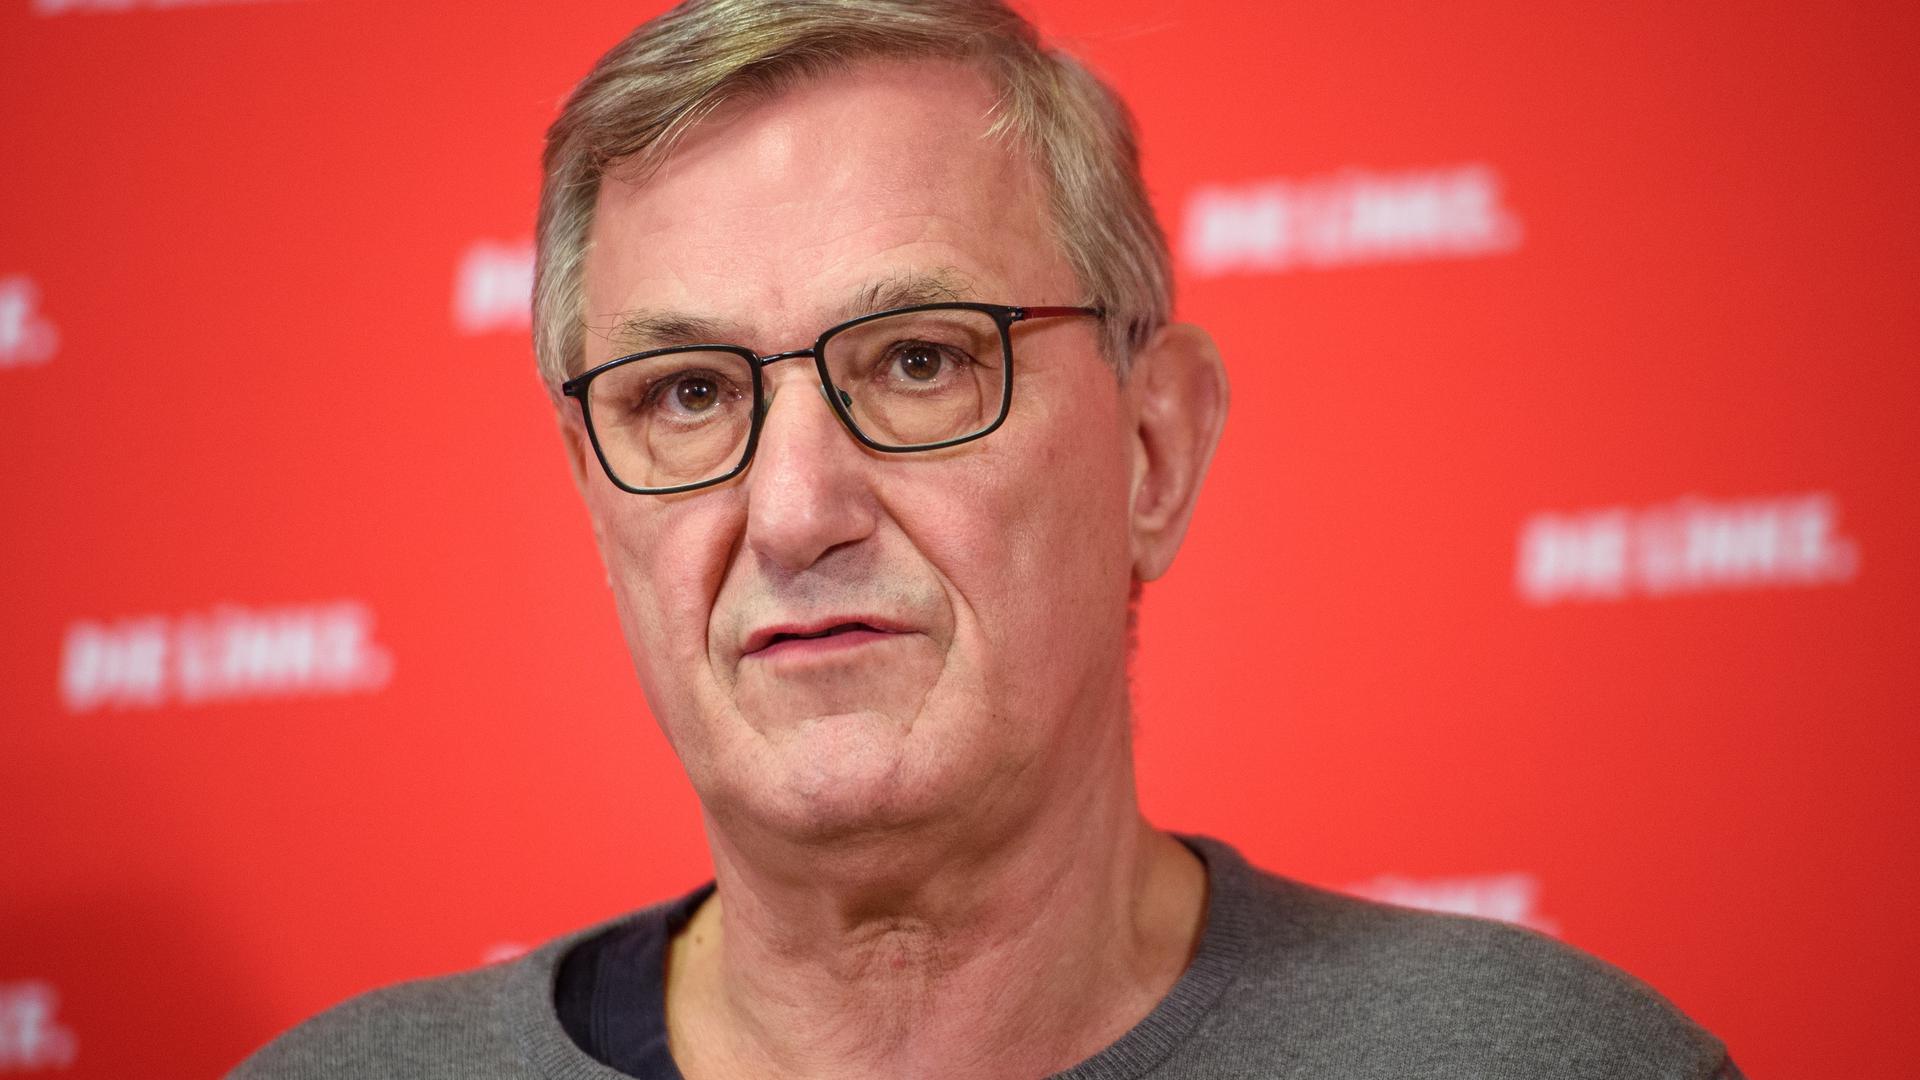 """Kritik an """"feudalen Zügen"""" der Politik in der Corona-Krise: Bernd Riexinger, Bundesvorsitzender der Linken, verlangt ein größeres Mitspracherecht des Bundestags."""